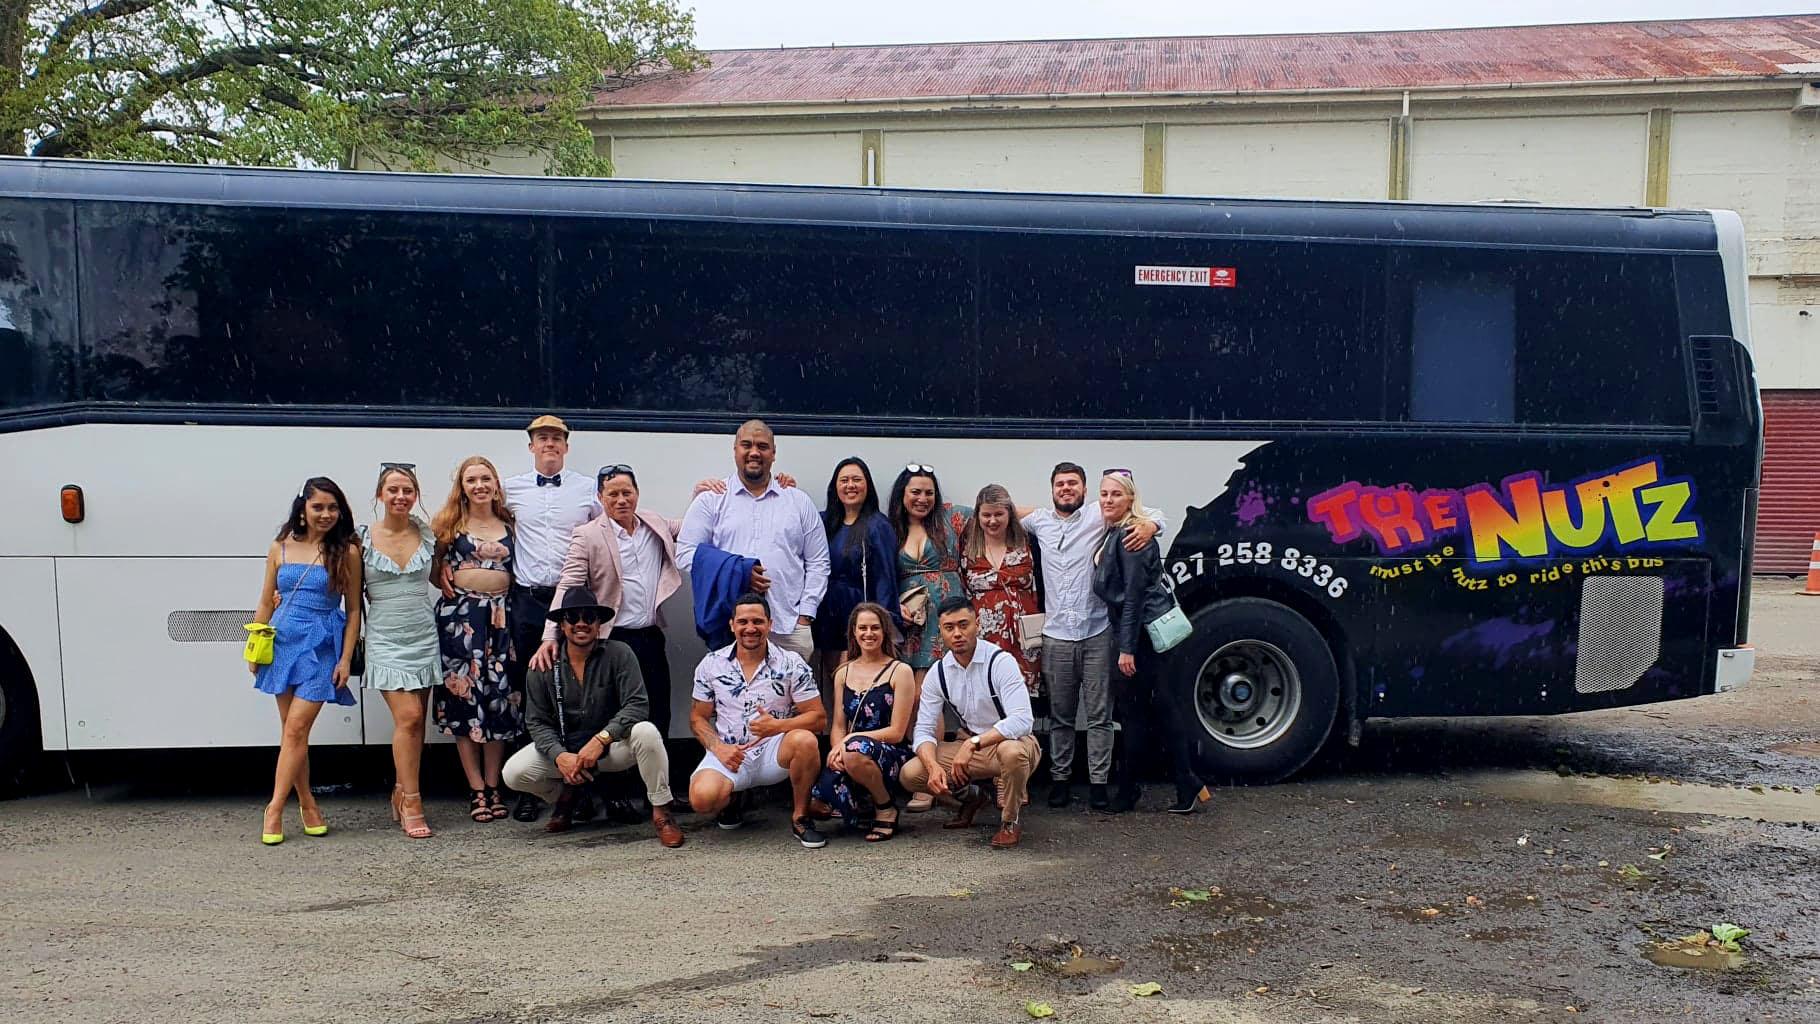 party-bus-people.jpg